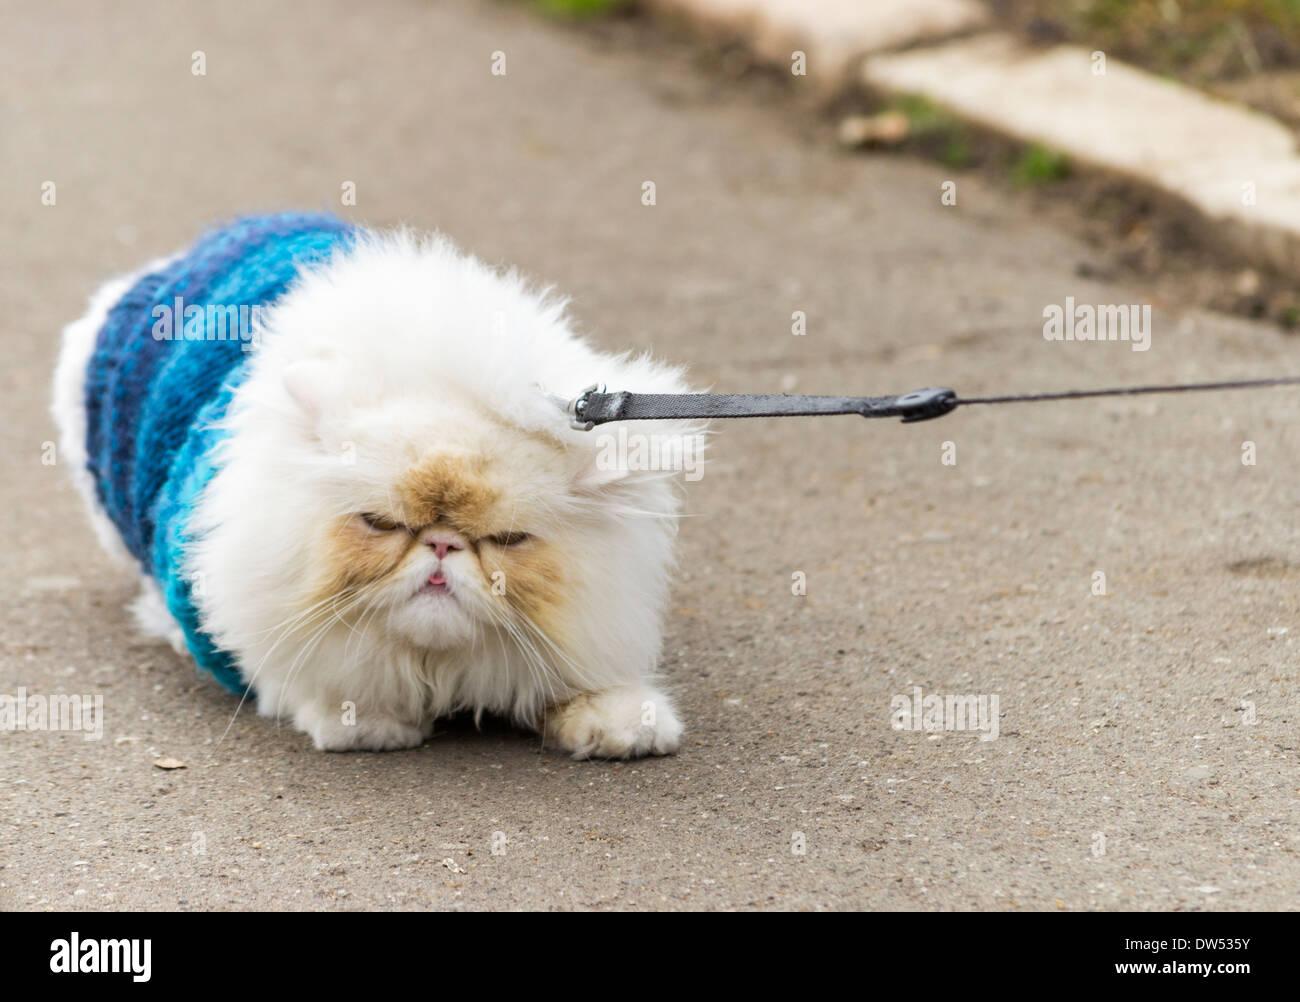 himalayan-cat-persian-cat-refusing-to-mo